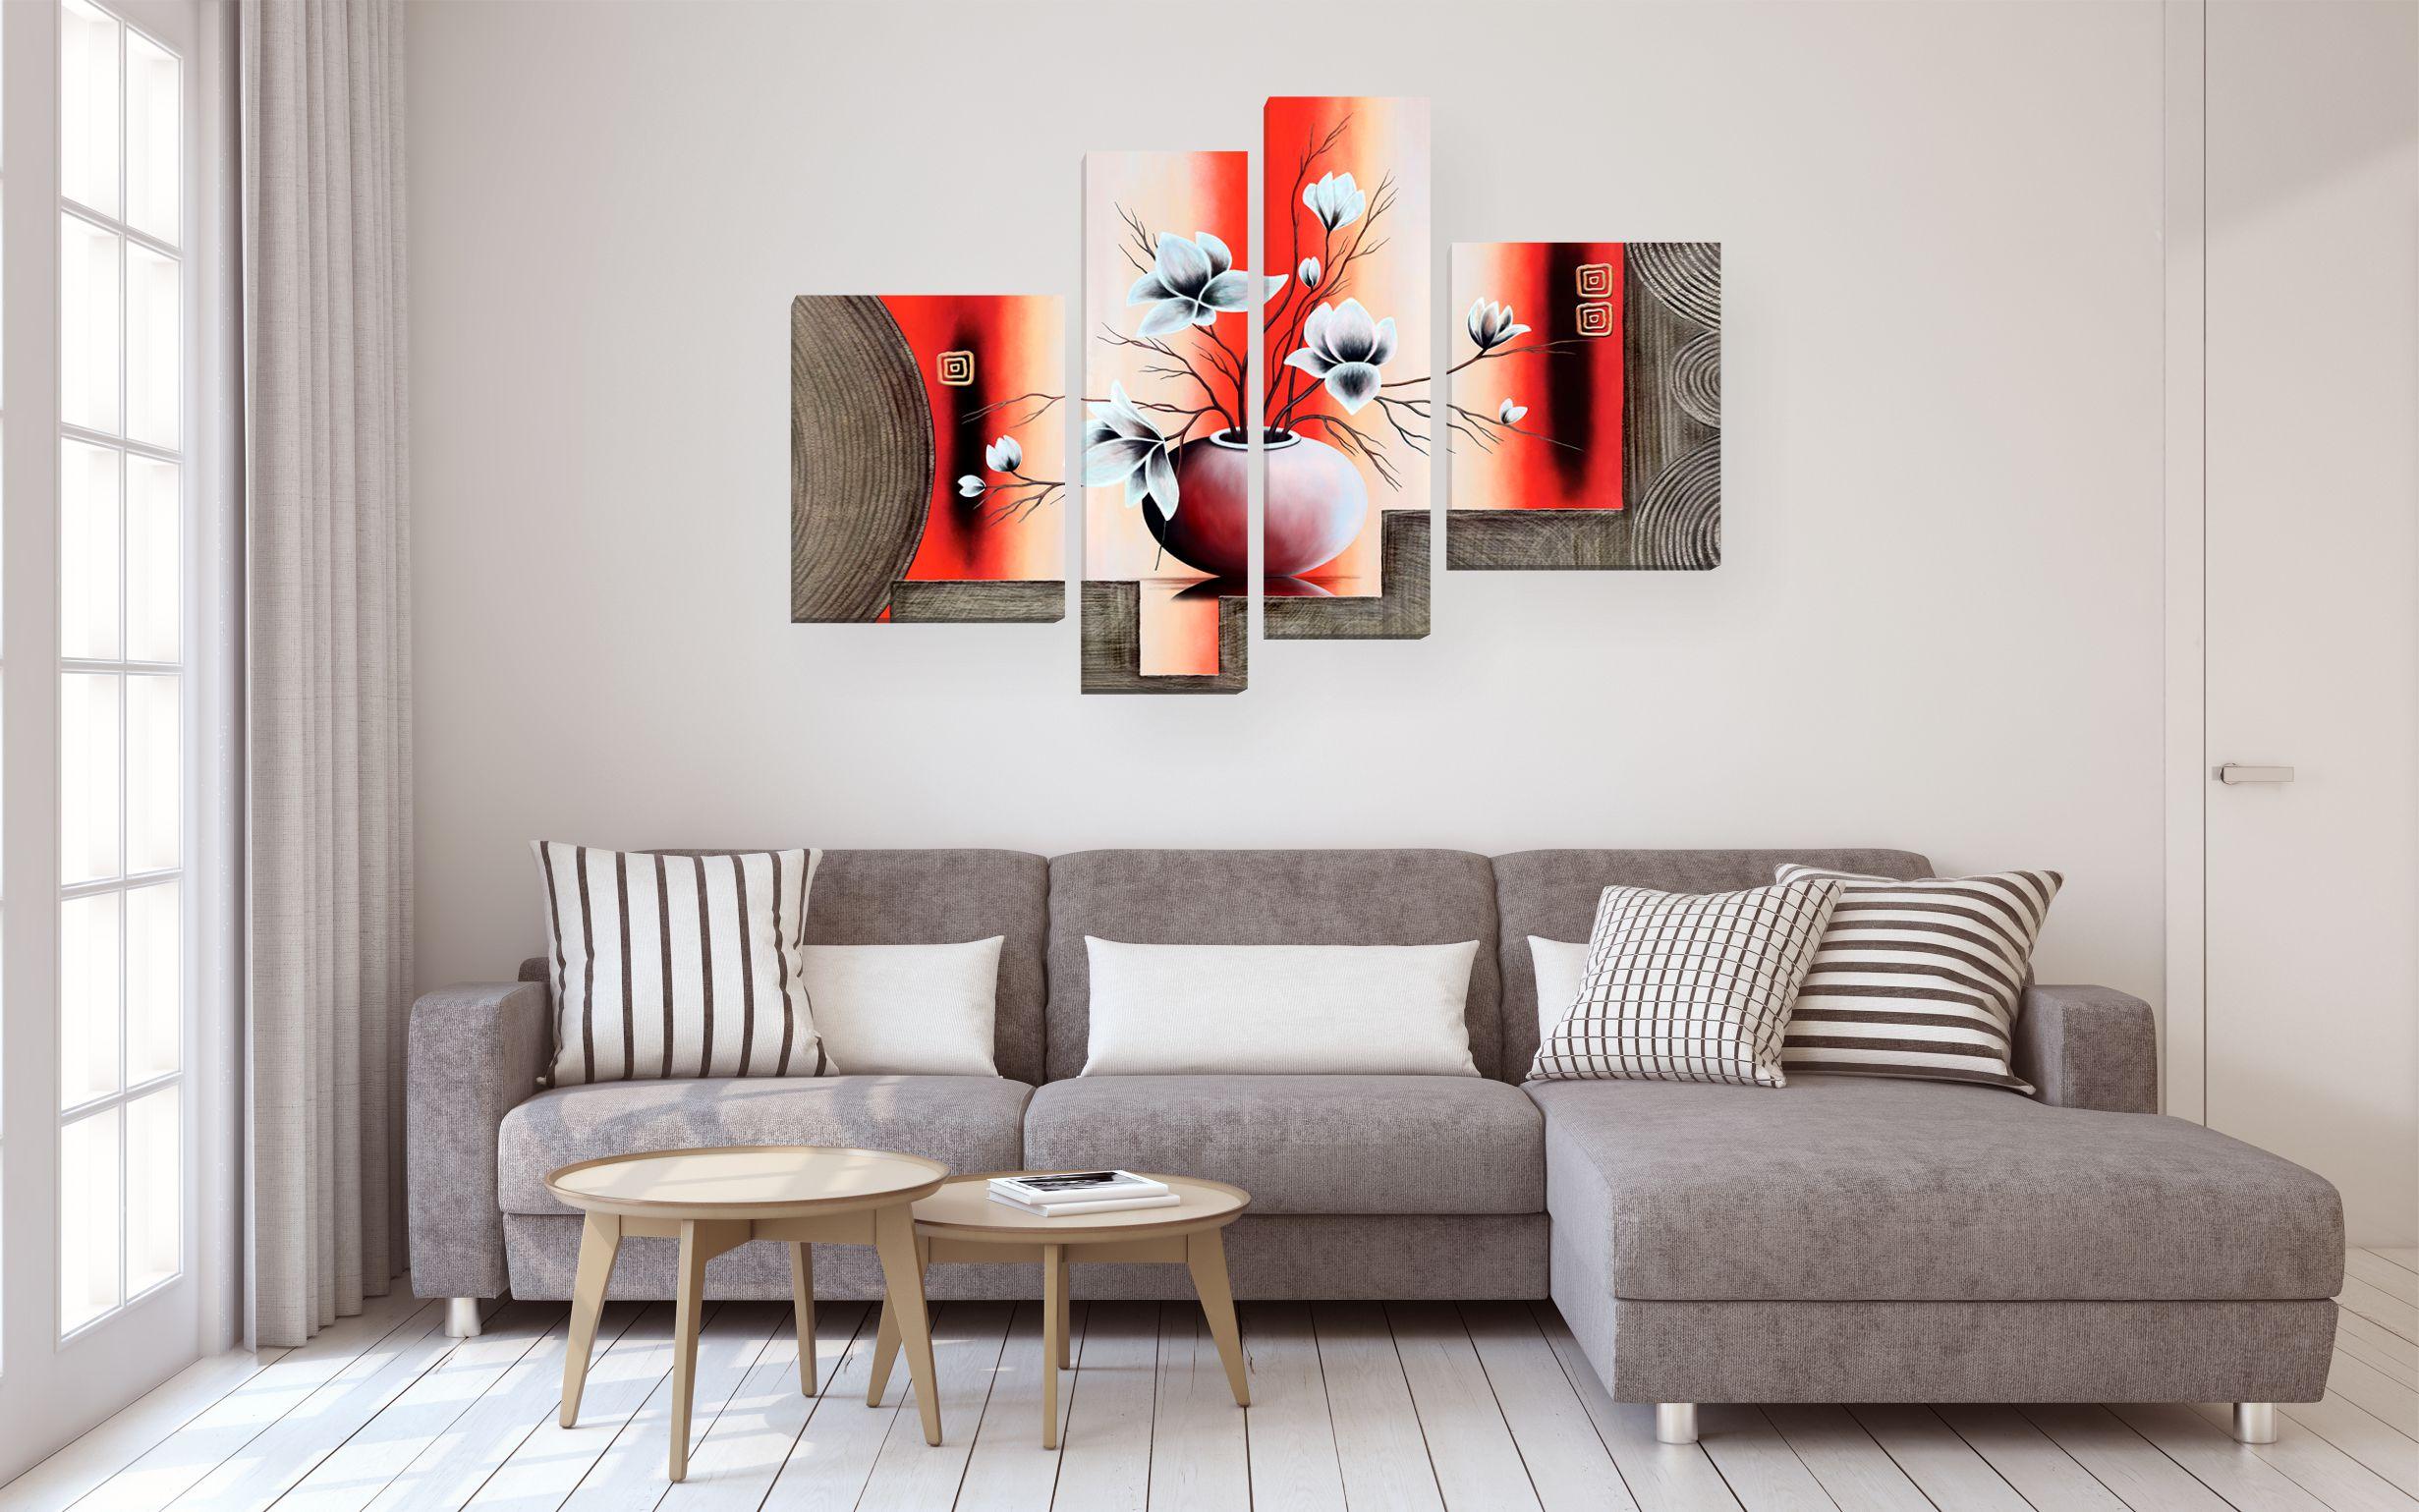 Модульные картины на кухню (34 фото): выбираем на стену модульную картину с часами, кофе и другими современными сюжетами. примеры в интерьере кухни